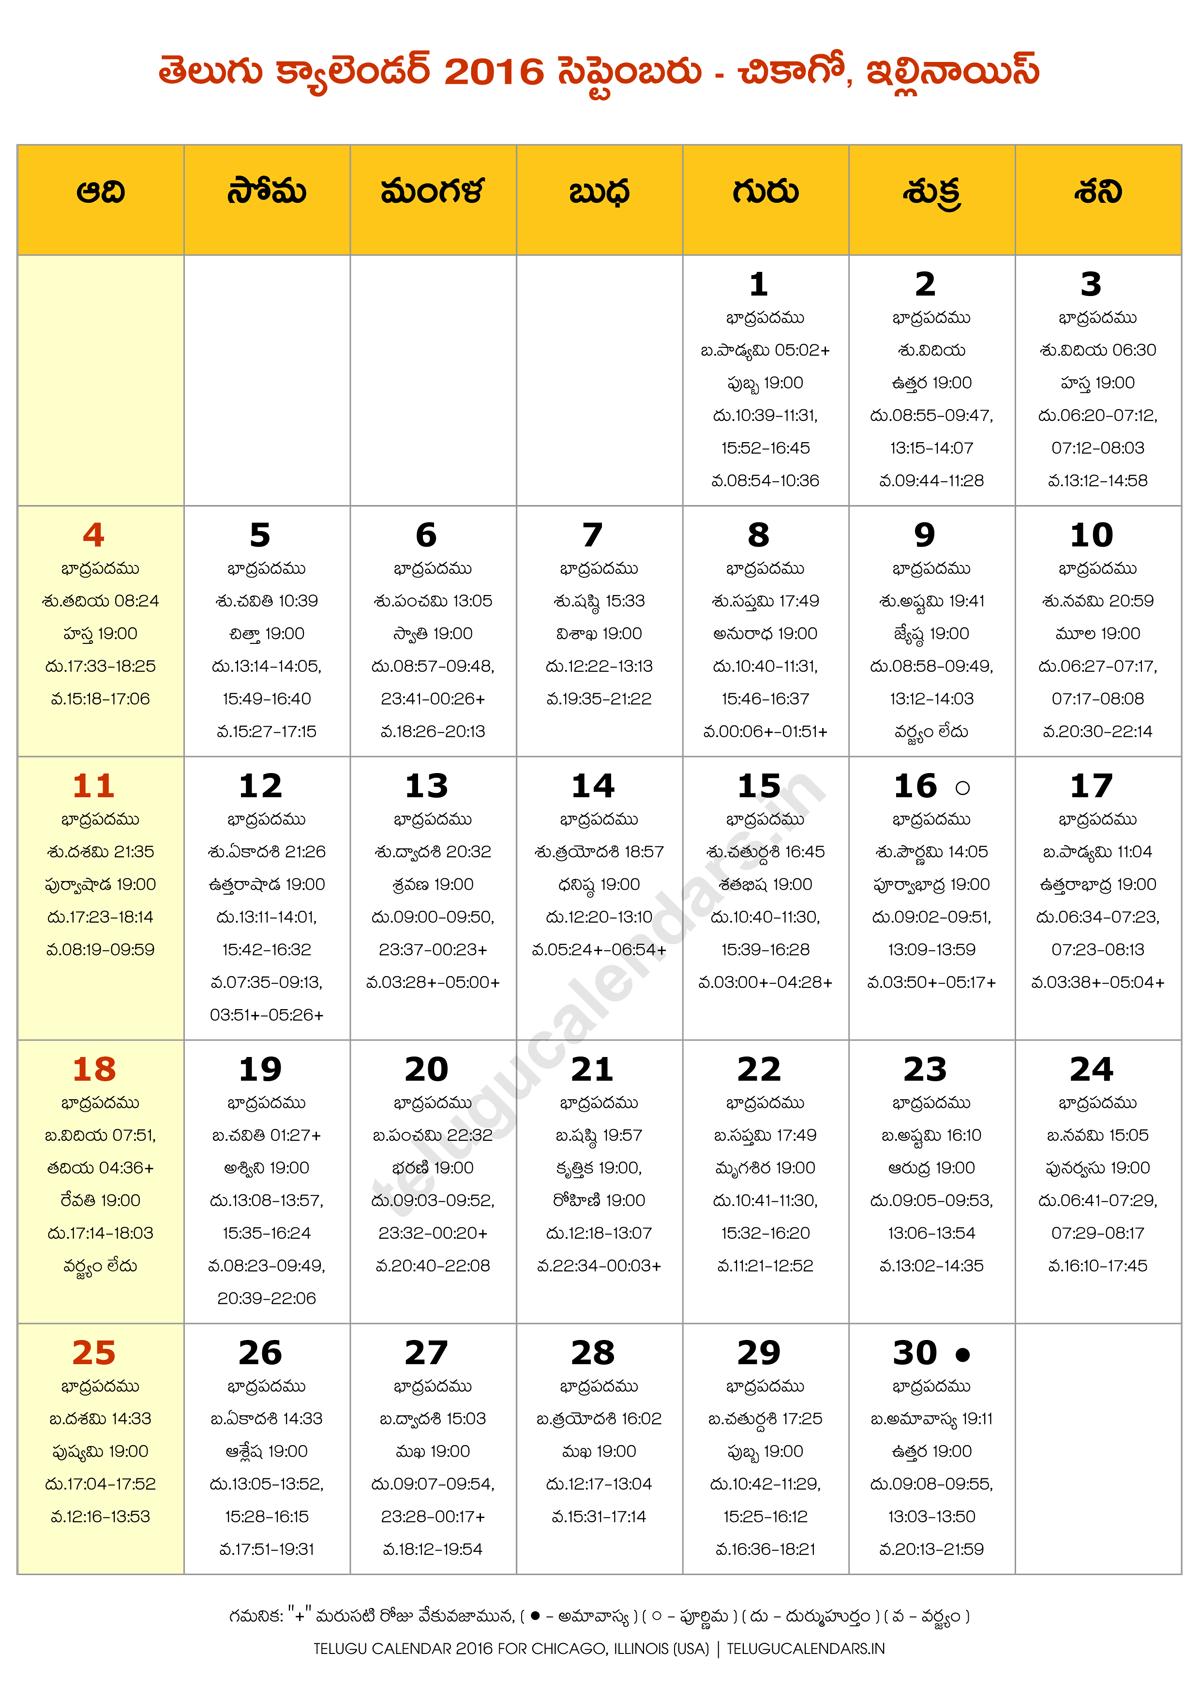 Telugu Calendar (Chicago, USA) 2016 September PDF | Telugu Calendars